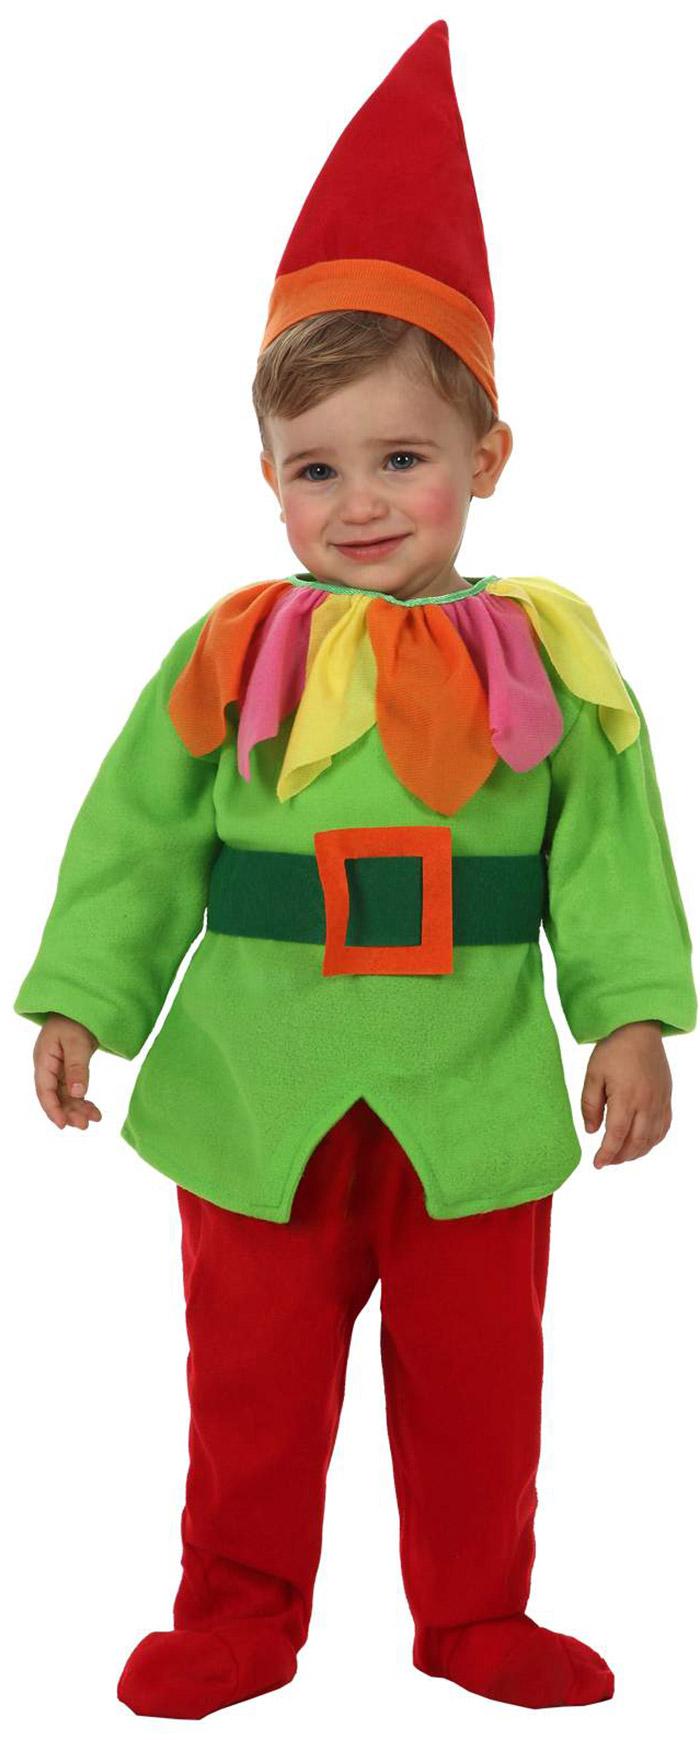 Disfraz de elfo duende beb - Disfraces navidenos para bebes ...